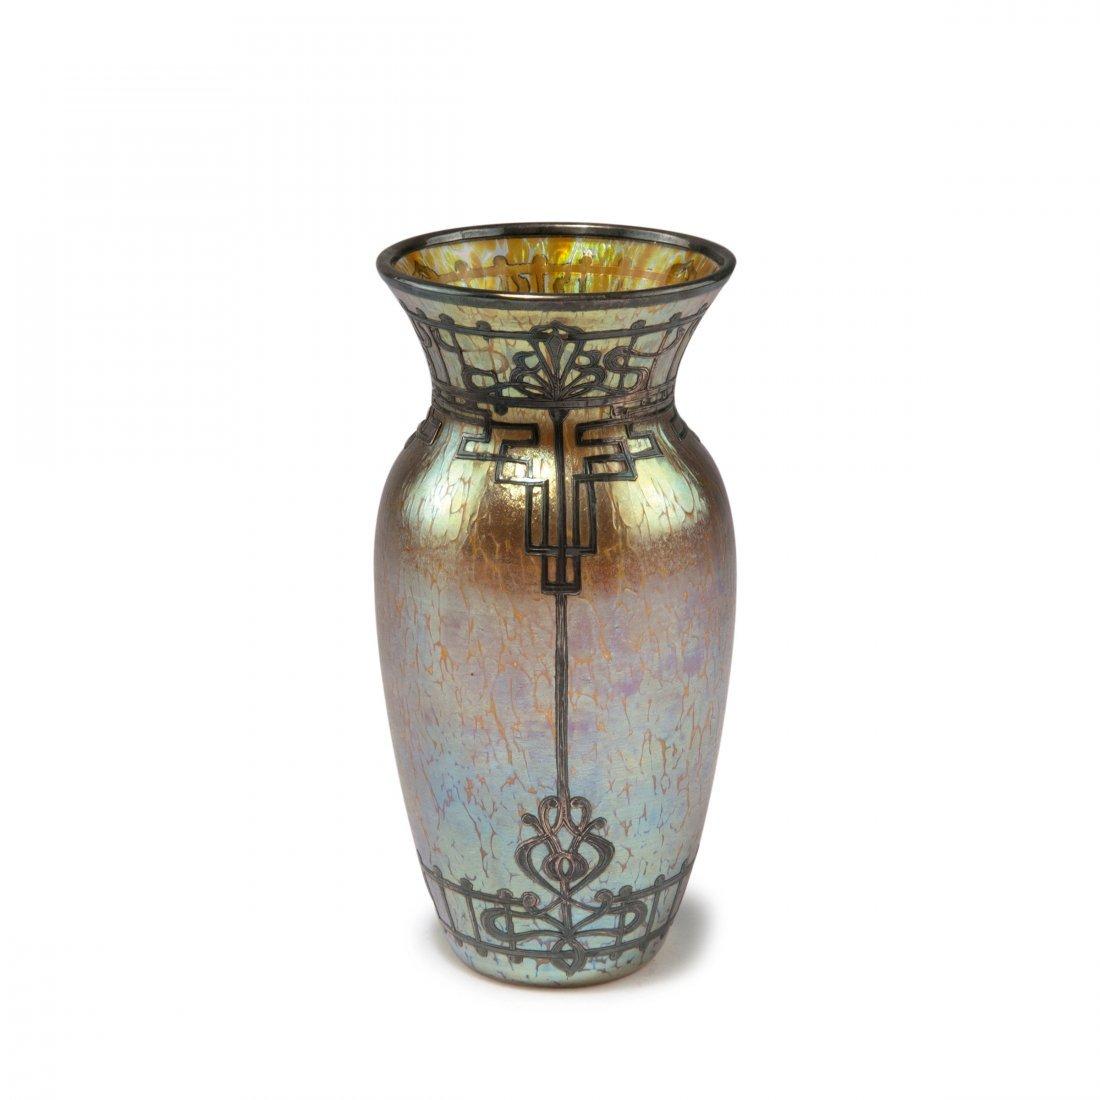 Overlay vase, c1900